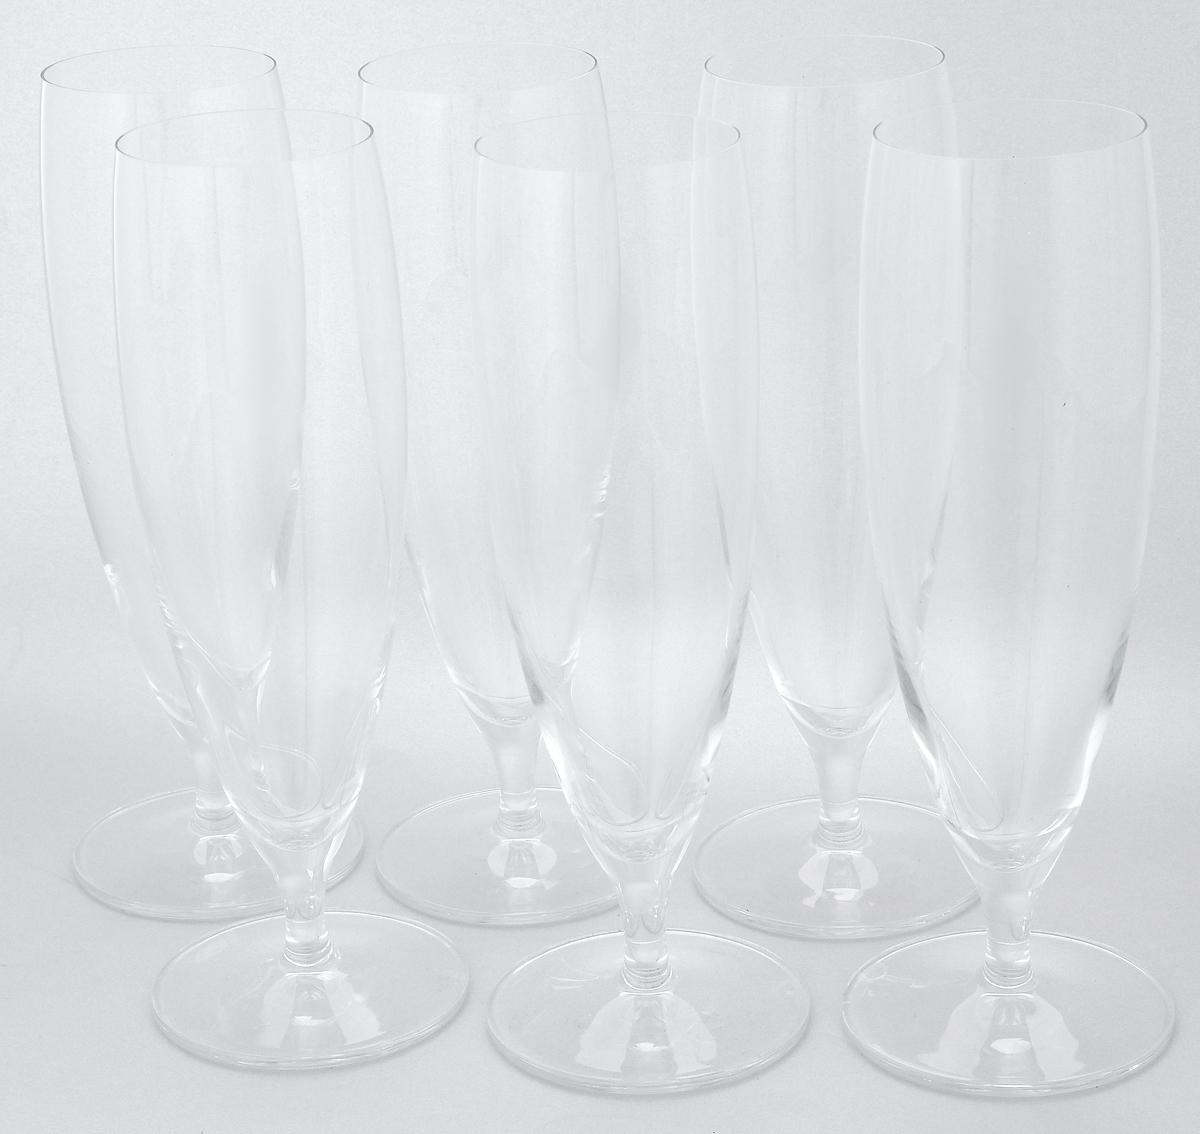 Набор бокалов Pasabahce Vintage, 385 мл, 6 шт66119NНабор Pasabahce Vintaget состоит из шести бокалов, выполненных из прочного натрий-кальций-силикатного стекла. Изделия оснащены невысокими ножками. Бокалы сочетают в себе элегантный дизайн и функциональность. Благодаря такому набору пить напитки будет еще вкуснее. Набор бокалов Pasabahce Vintaget прекрасно оформит праздничный стол и создаст приятную атмосферу за ужином. Такой набор также станет хорошим подарком к любому случаю. Можно мыть в посудомоечной машине и использовать в микроволновой печи. Диаметр бокала (по верхнему краю): 5,7 см. Высота бокала: 21,7 см.